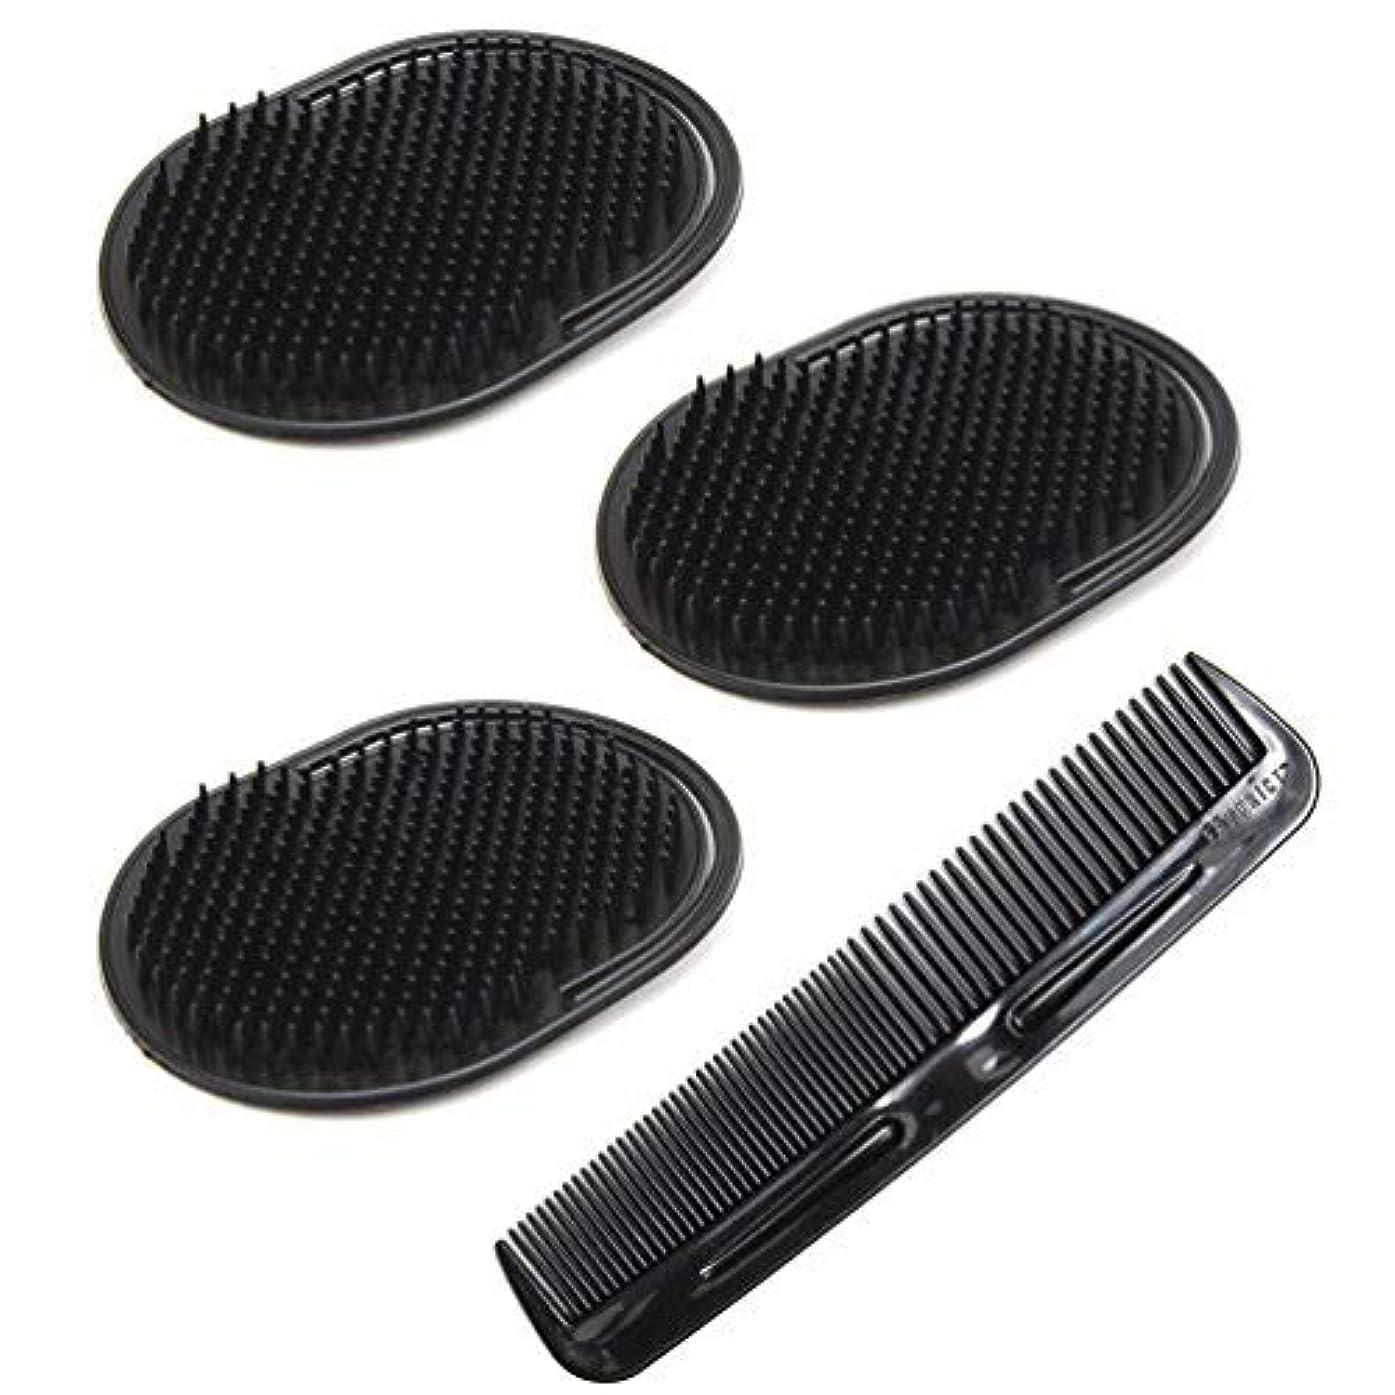 応援するしなければならない閉塞Luxxii (4 Pack) Hair Scalp Massage Shampoo Palm Brush Massager with 5